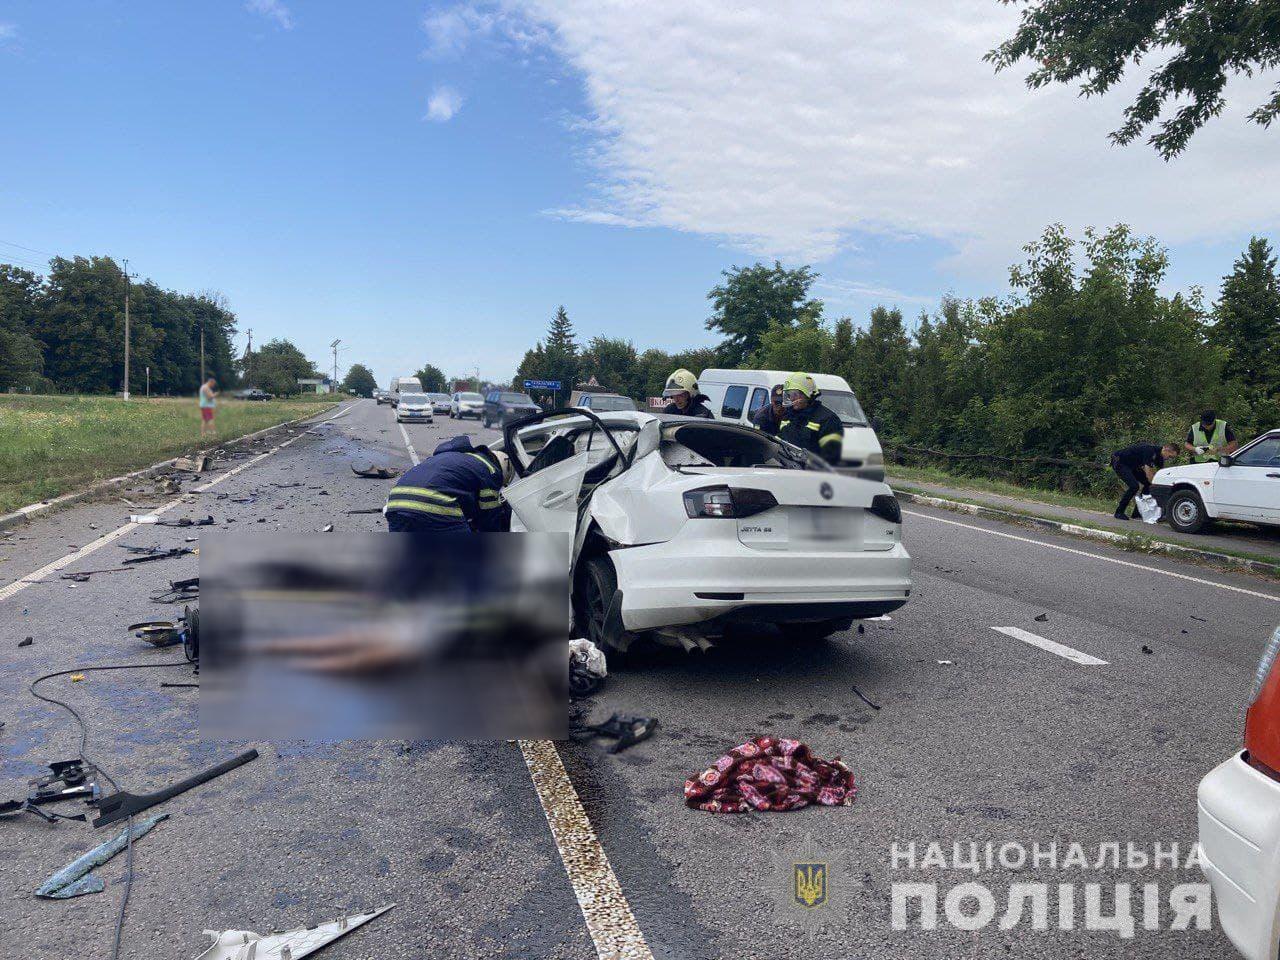 Опубликованы поистине жуткие кадры с места ДТП, где погиб полицейский из Закарпатья с женой и маленькой дочерью